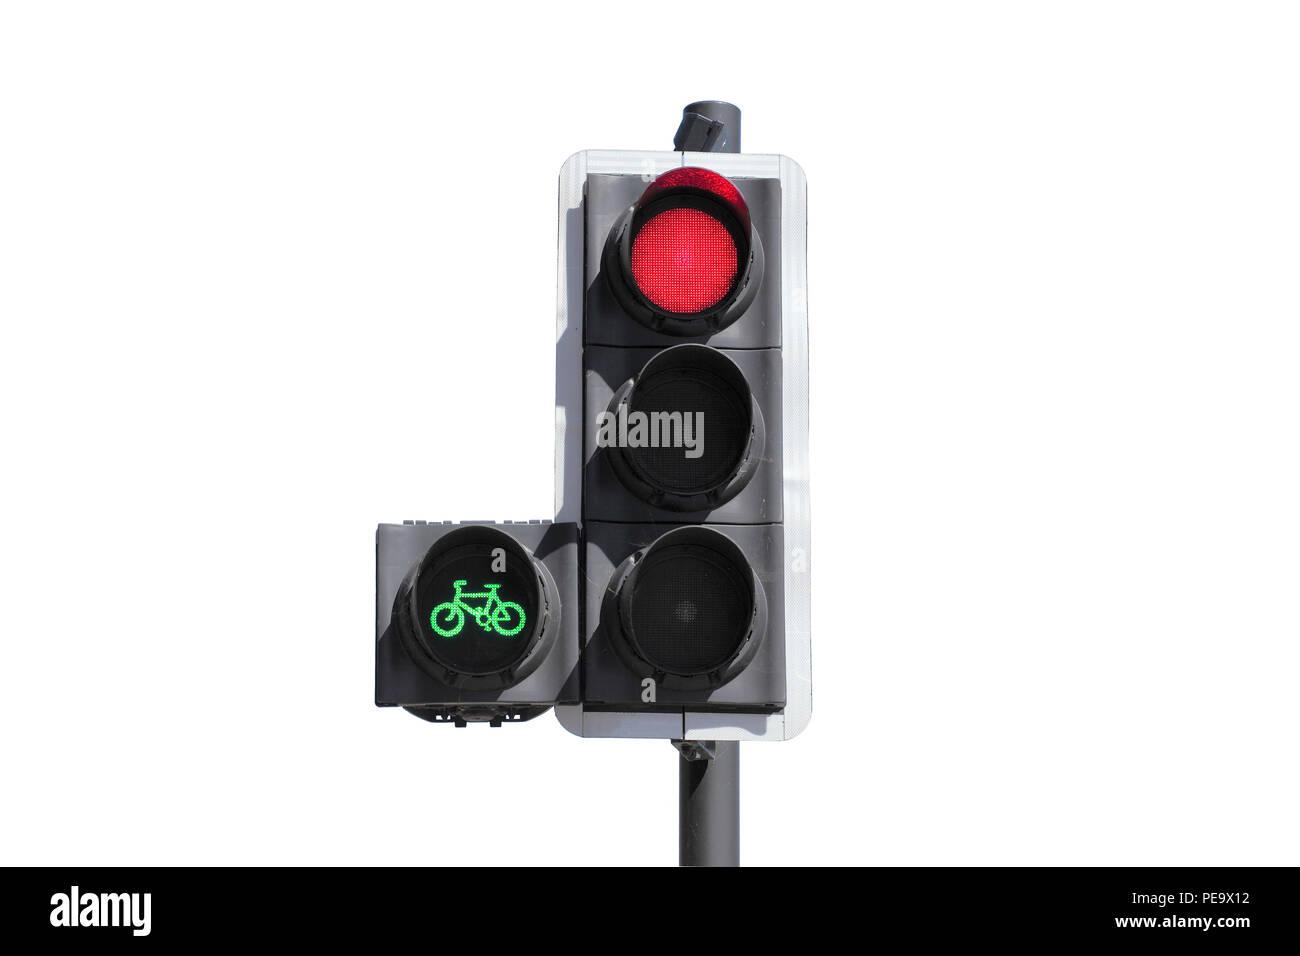 Ein Zyklus Priorität Ampel. Das grüne Licht gibt Radfahrern einen Vorsprung, so dass Sie die Kreuzung vor dem restlichen Verkehr zu überqueren. Stockfoto